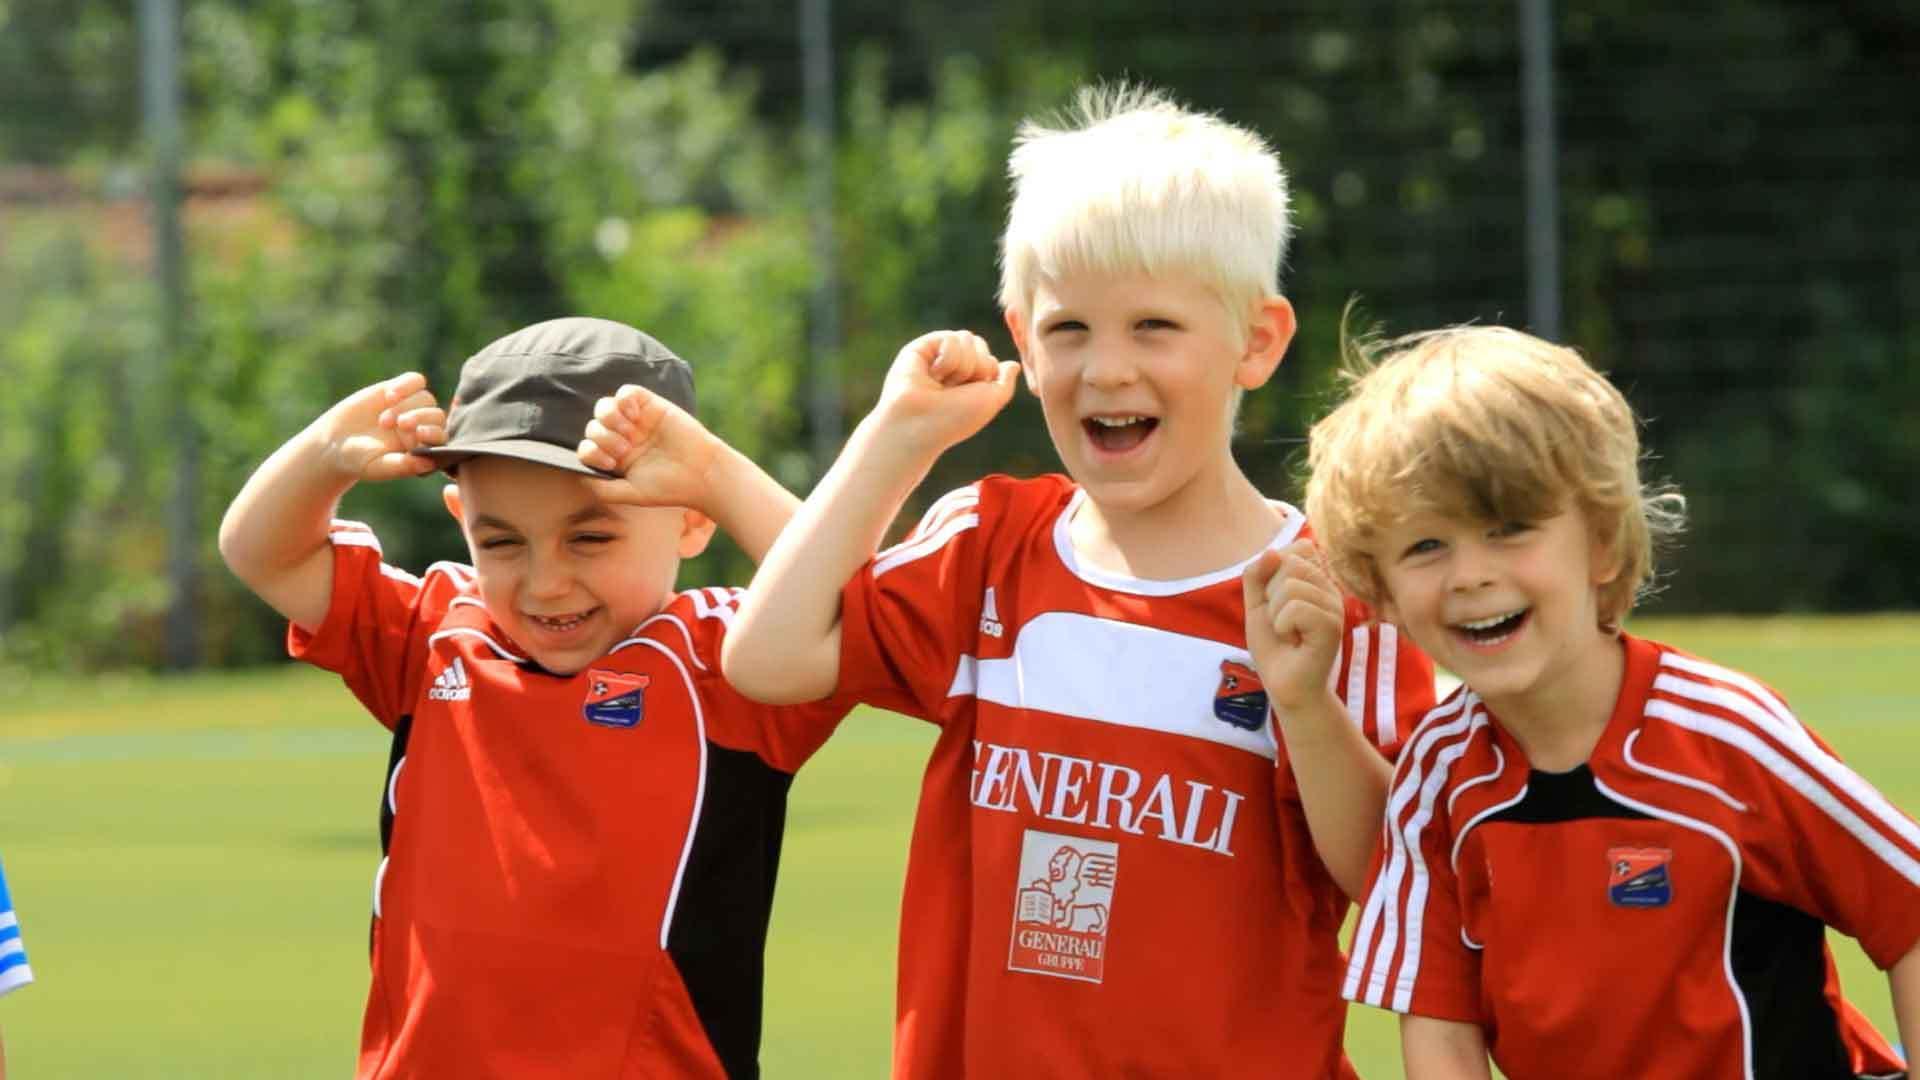 Kinderfußball & Bambini Training: Tipps und Tricks für altersgerechte Bambini-Trainingseinheiten